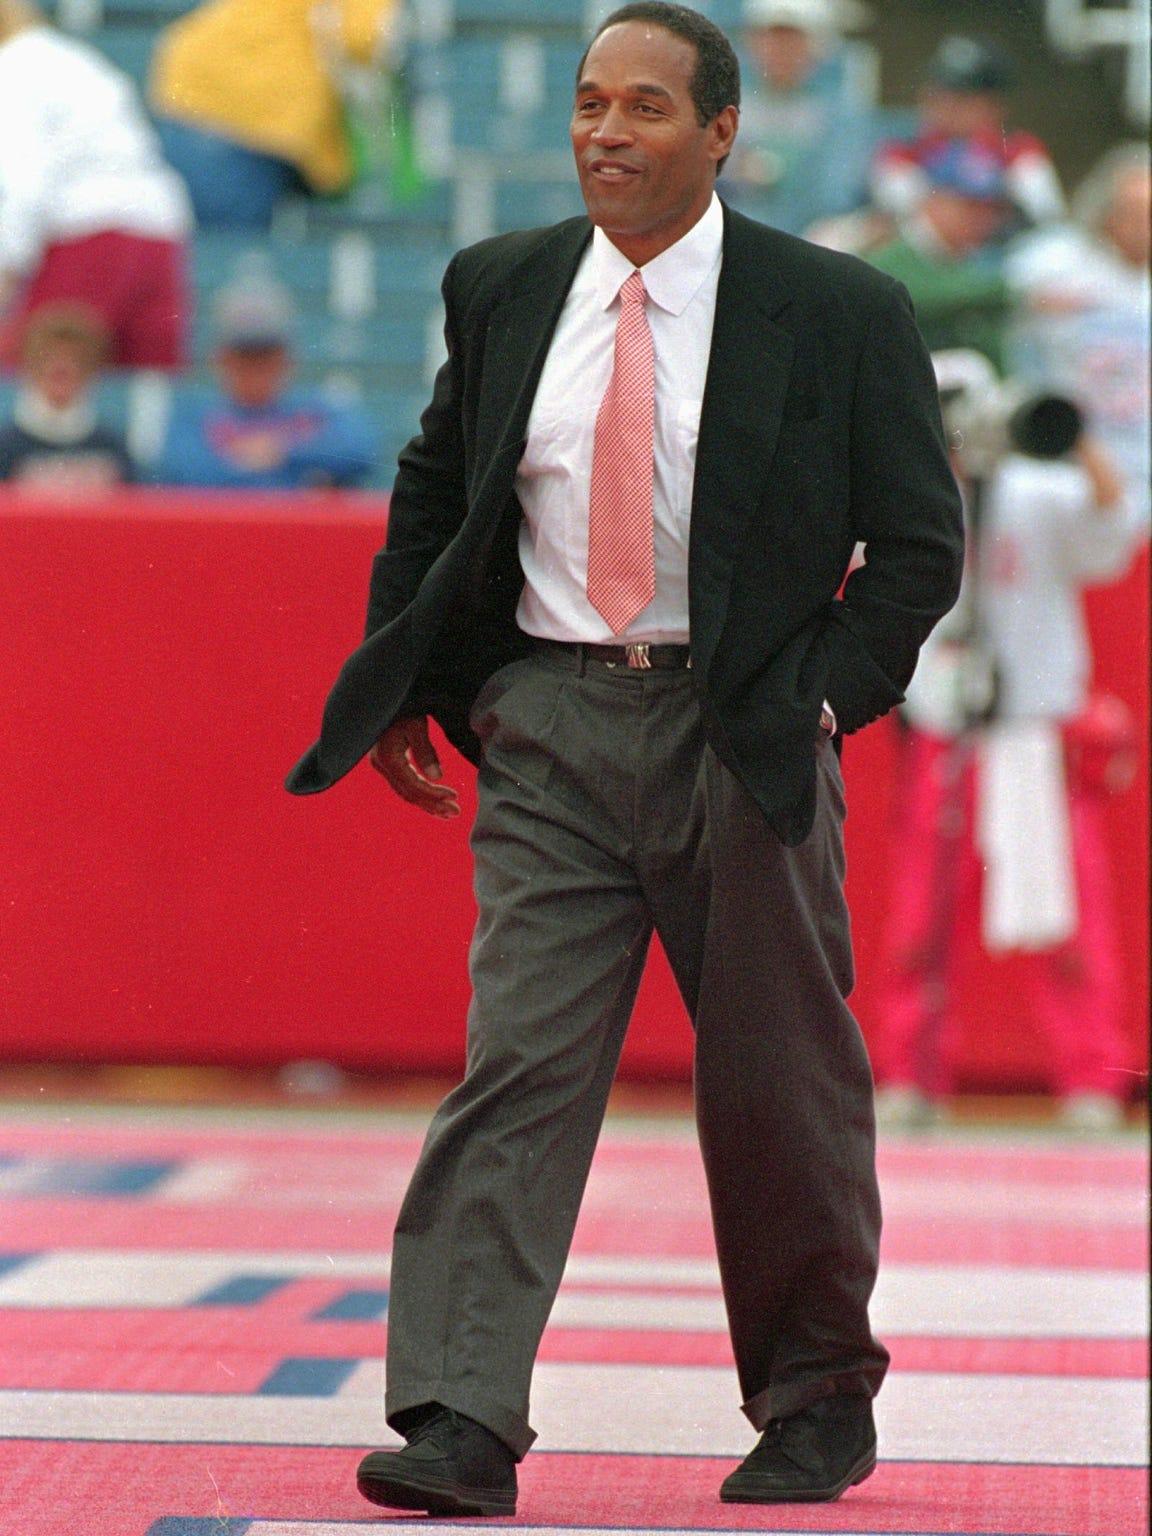 Harry Scull Jr.'s photo of O.J. Simpson walking across